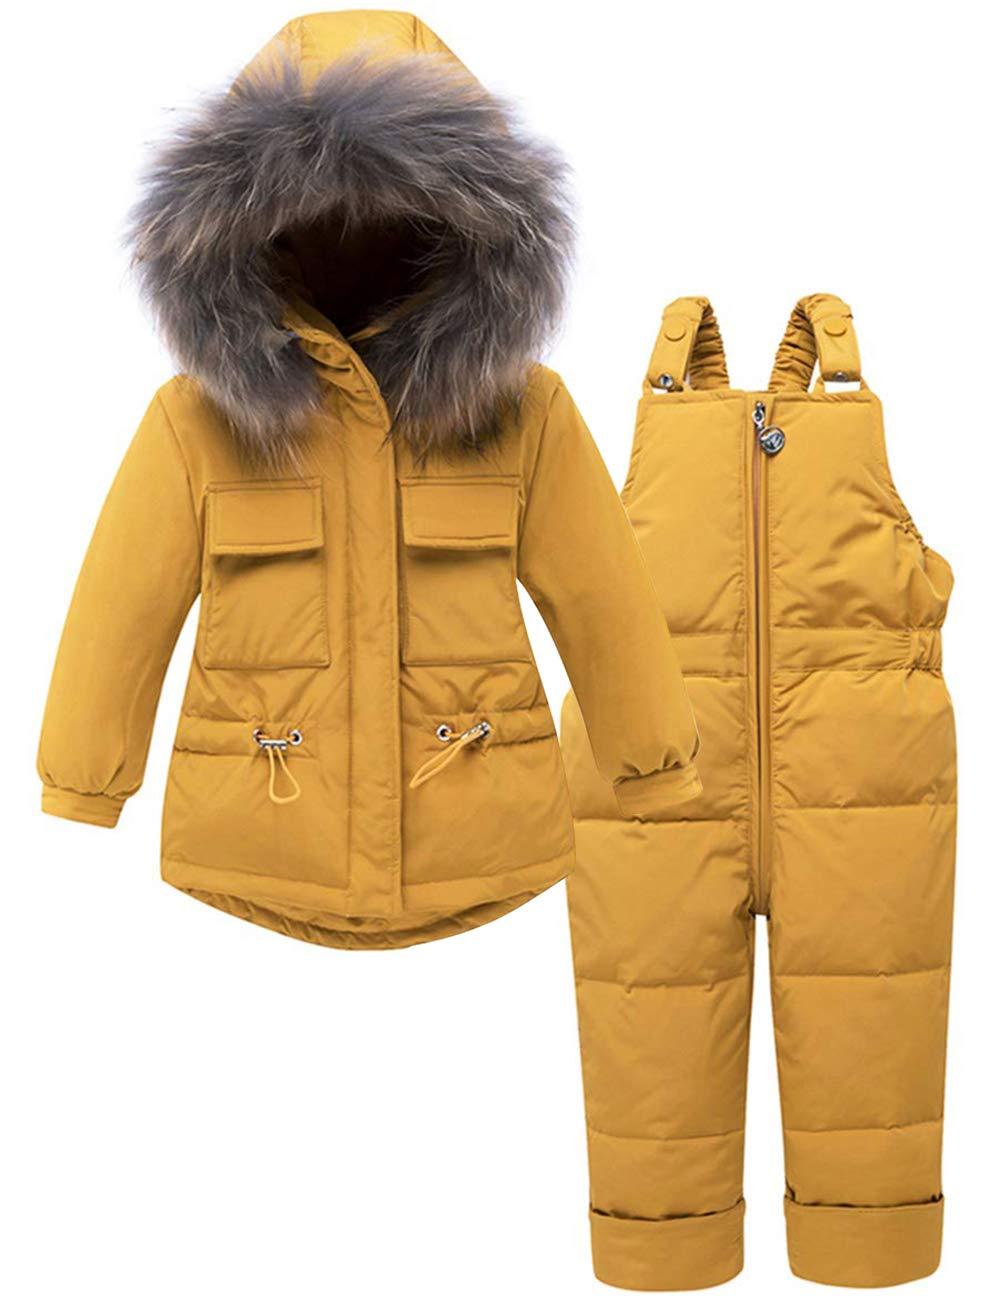 Zoerea Kinder Süß Daunenanzug 2tlg Bekleidungsset Mädchen Verdickte Daunenjacke mit Kaputze Winterjacke + Winterhose